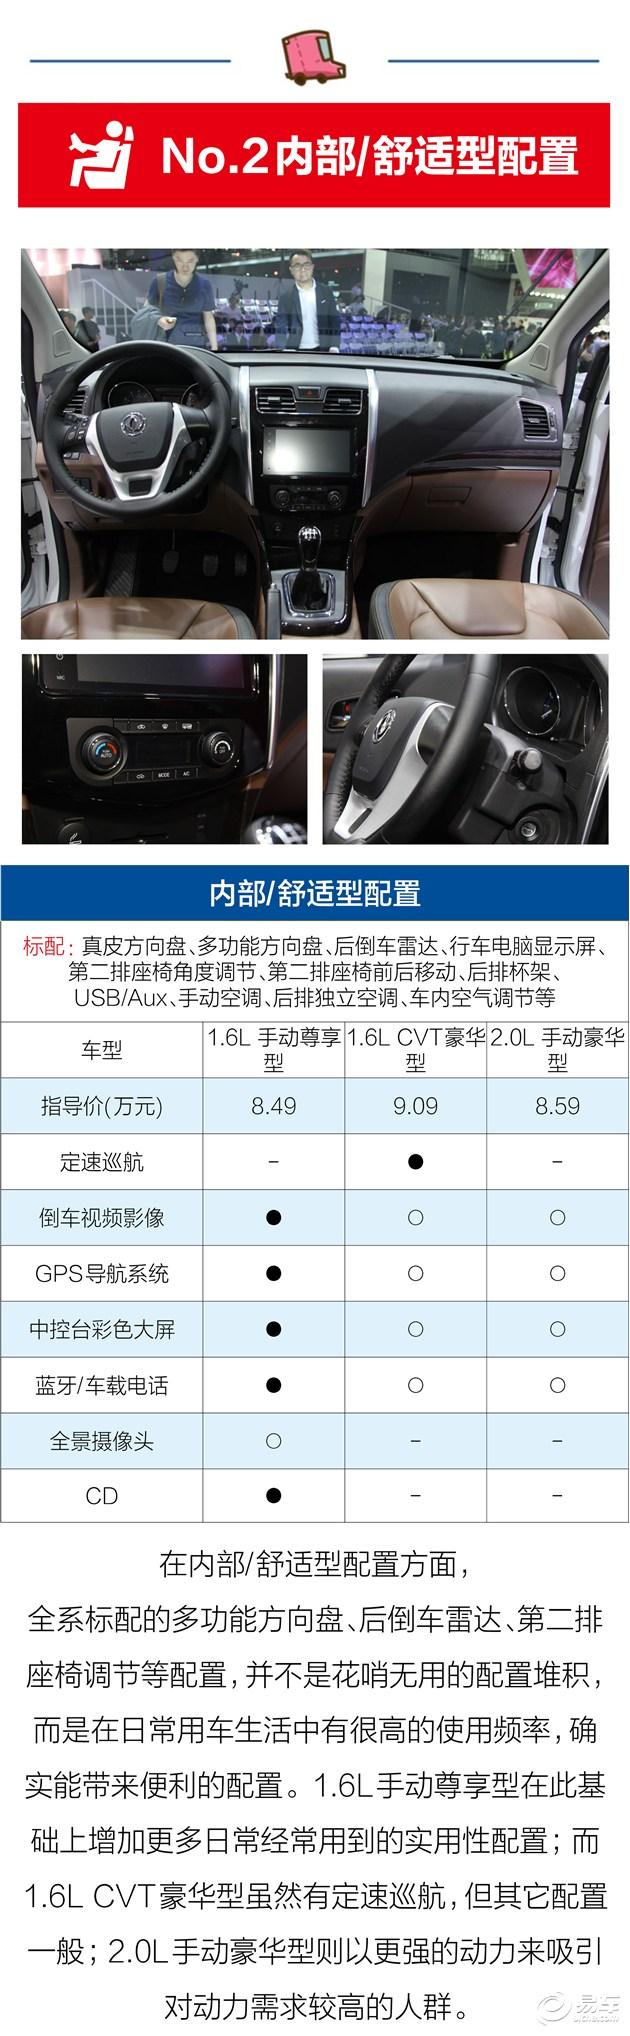 东风风行SX6买哪个车型配置好?